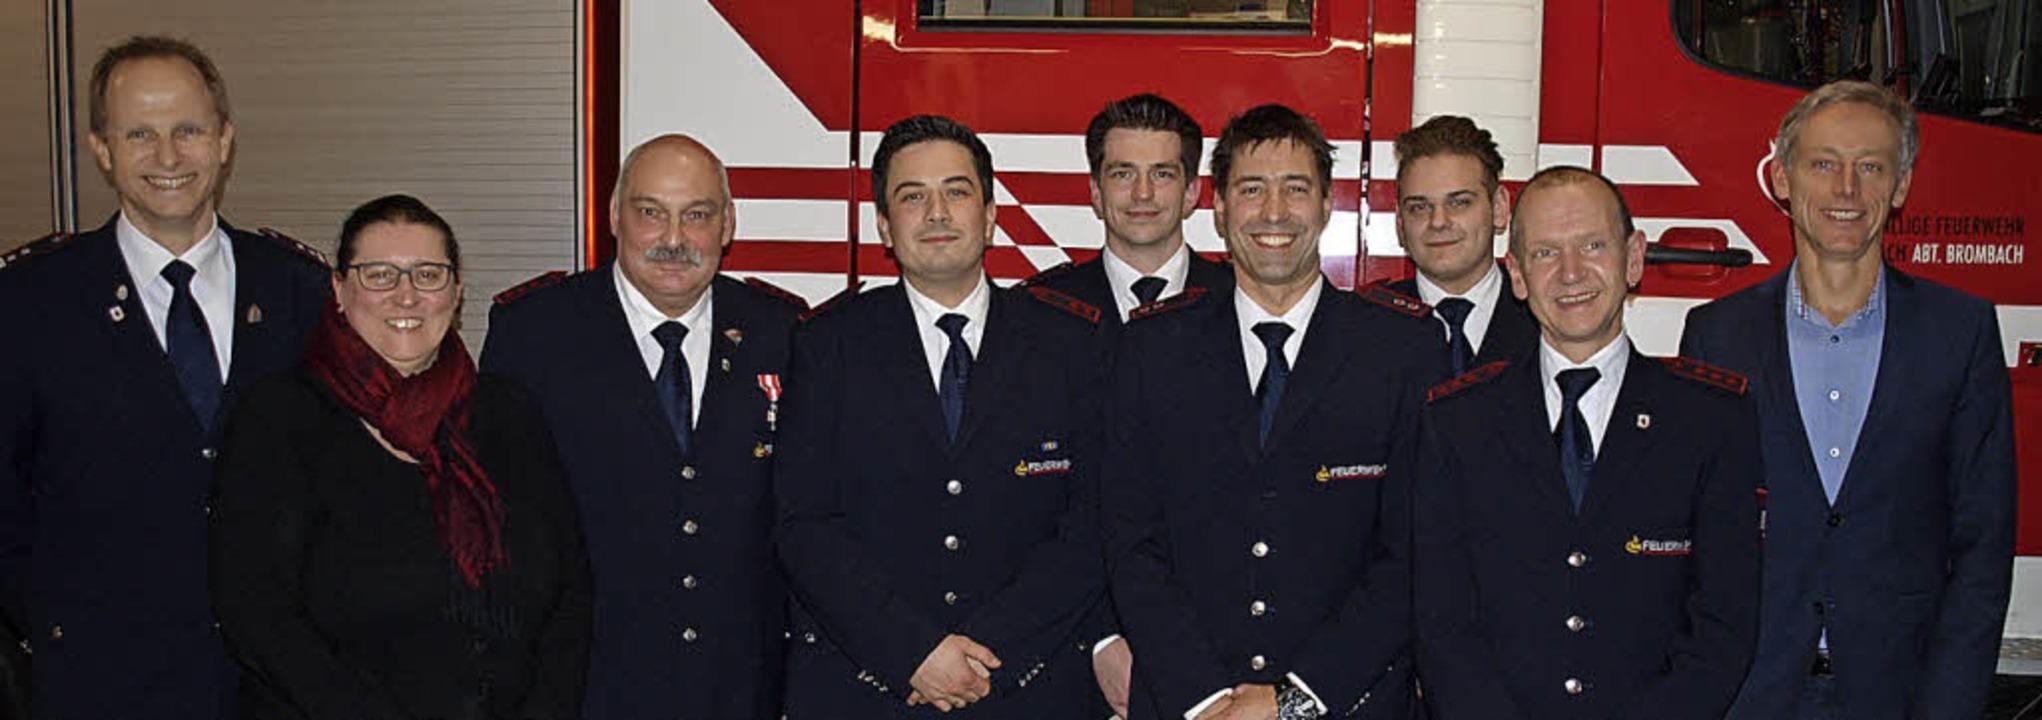 Die Feuerwehr Brombach ehrte und beför...ck, Andreas Basler und Michael Wilke.   | Foto: Paul Schleer